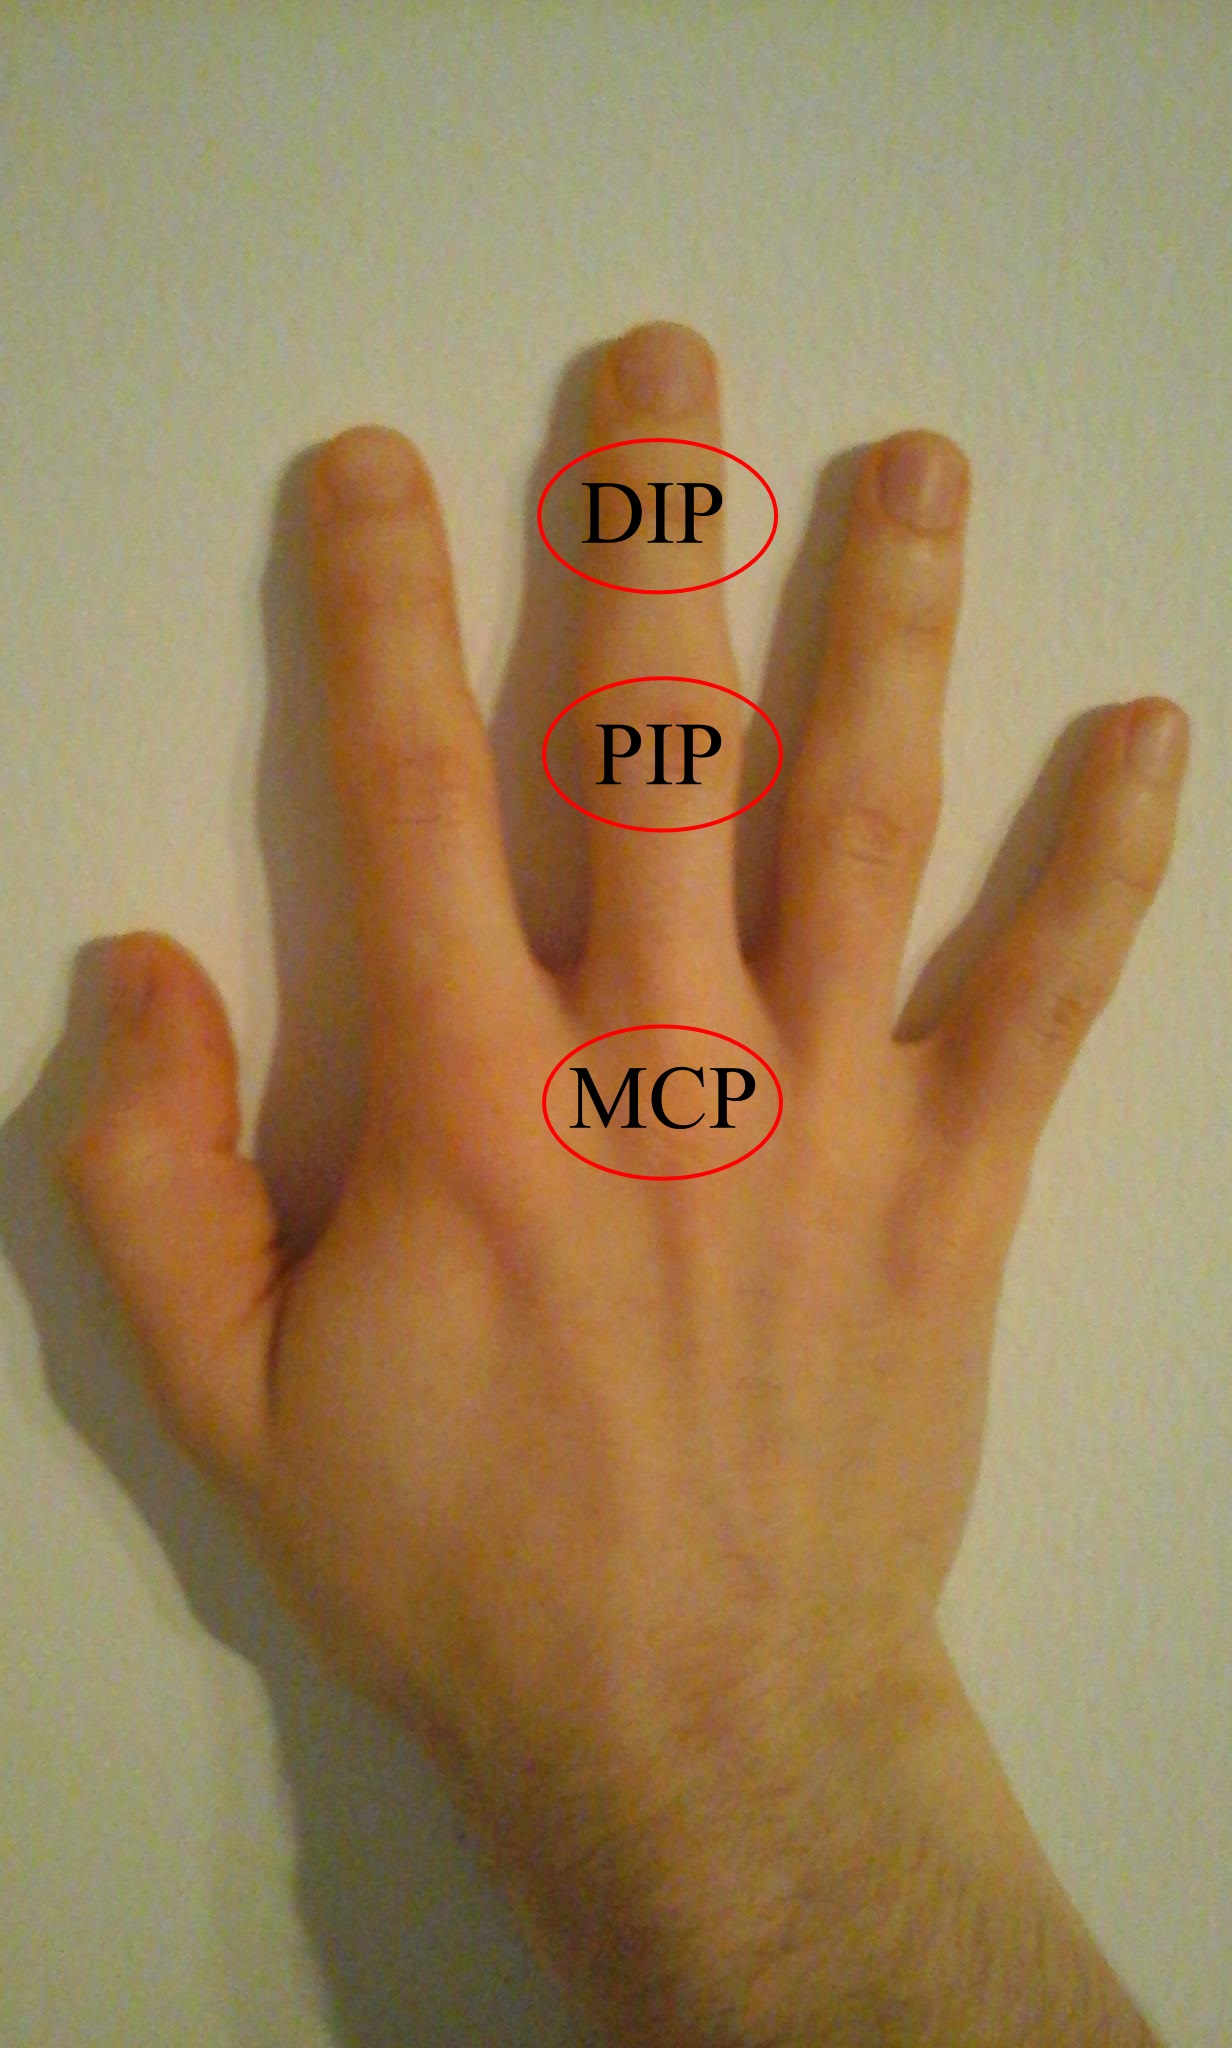 hogyan lehet kezelni az ujjak ízületeinek gyulladását chondroitin készítmények artrózishoz